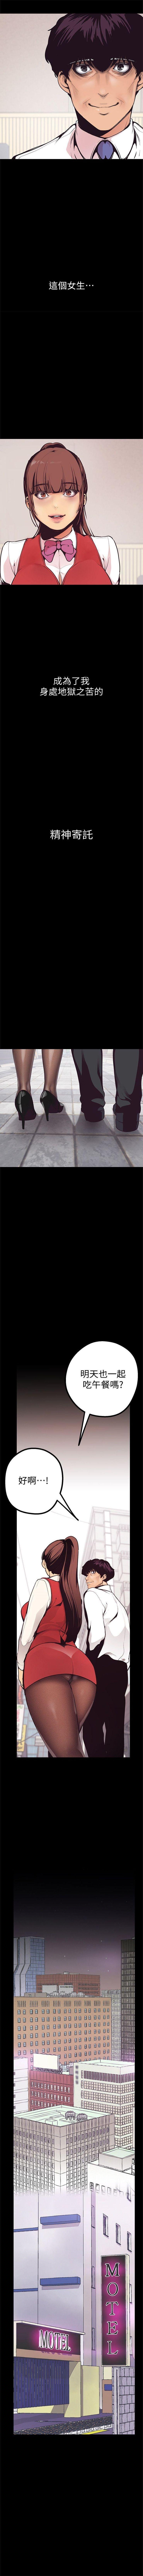 美麗新世界 1-85 官方中文(連載中) 41